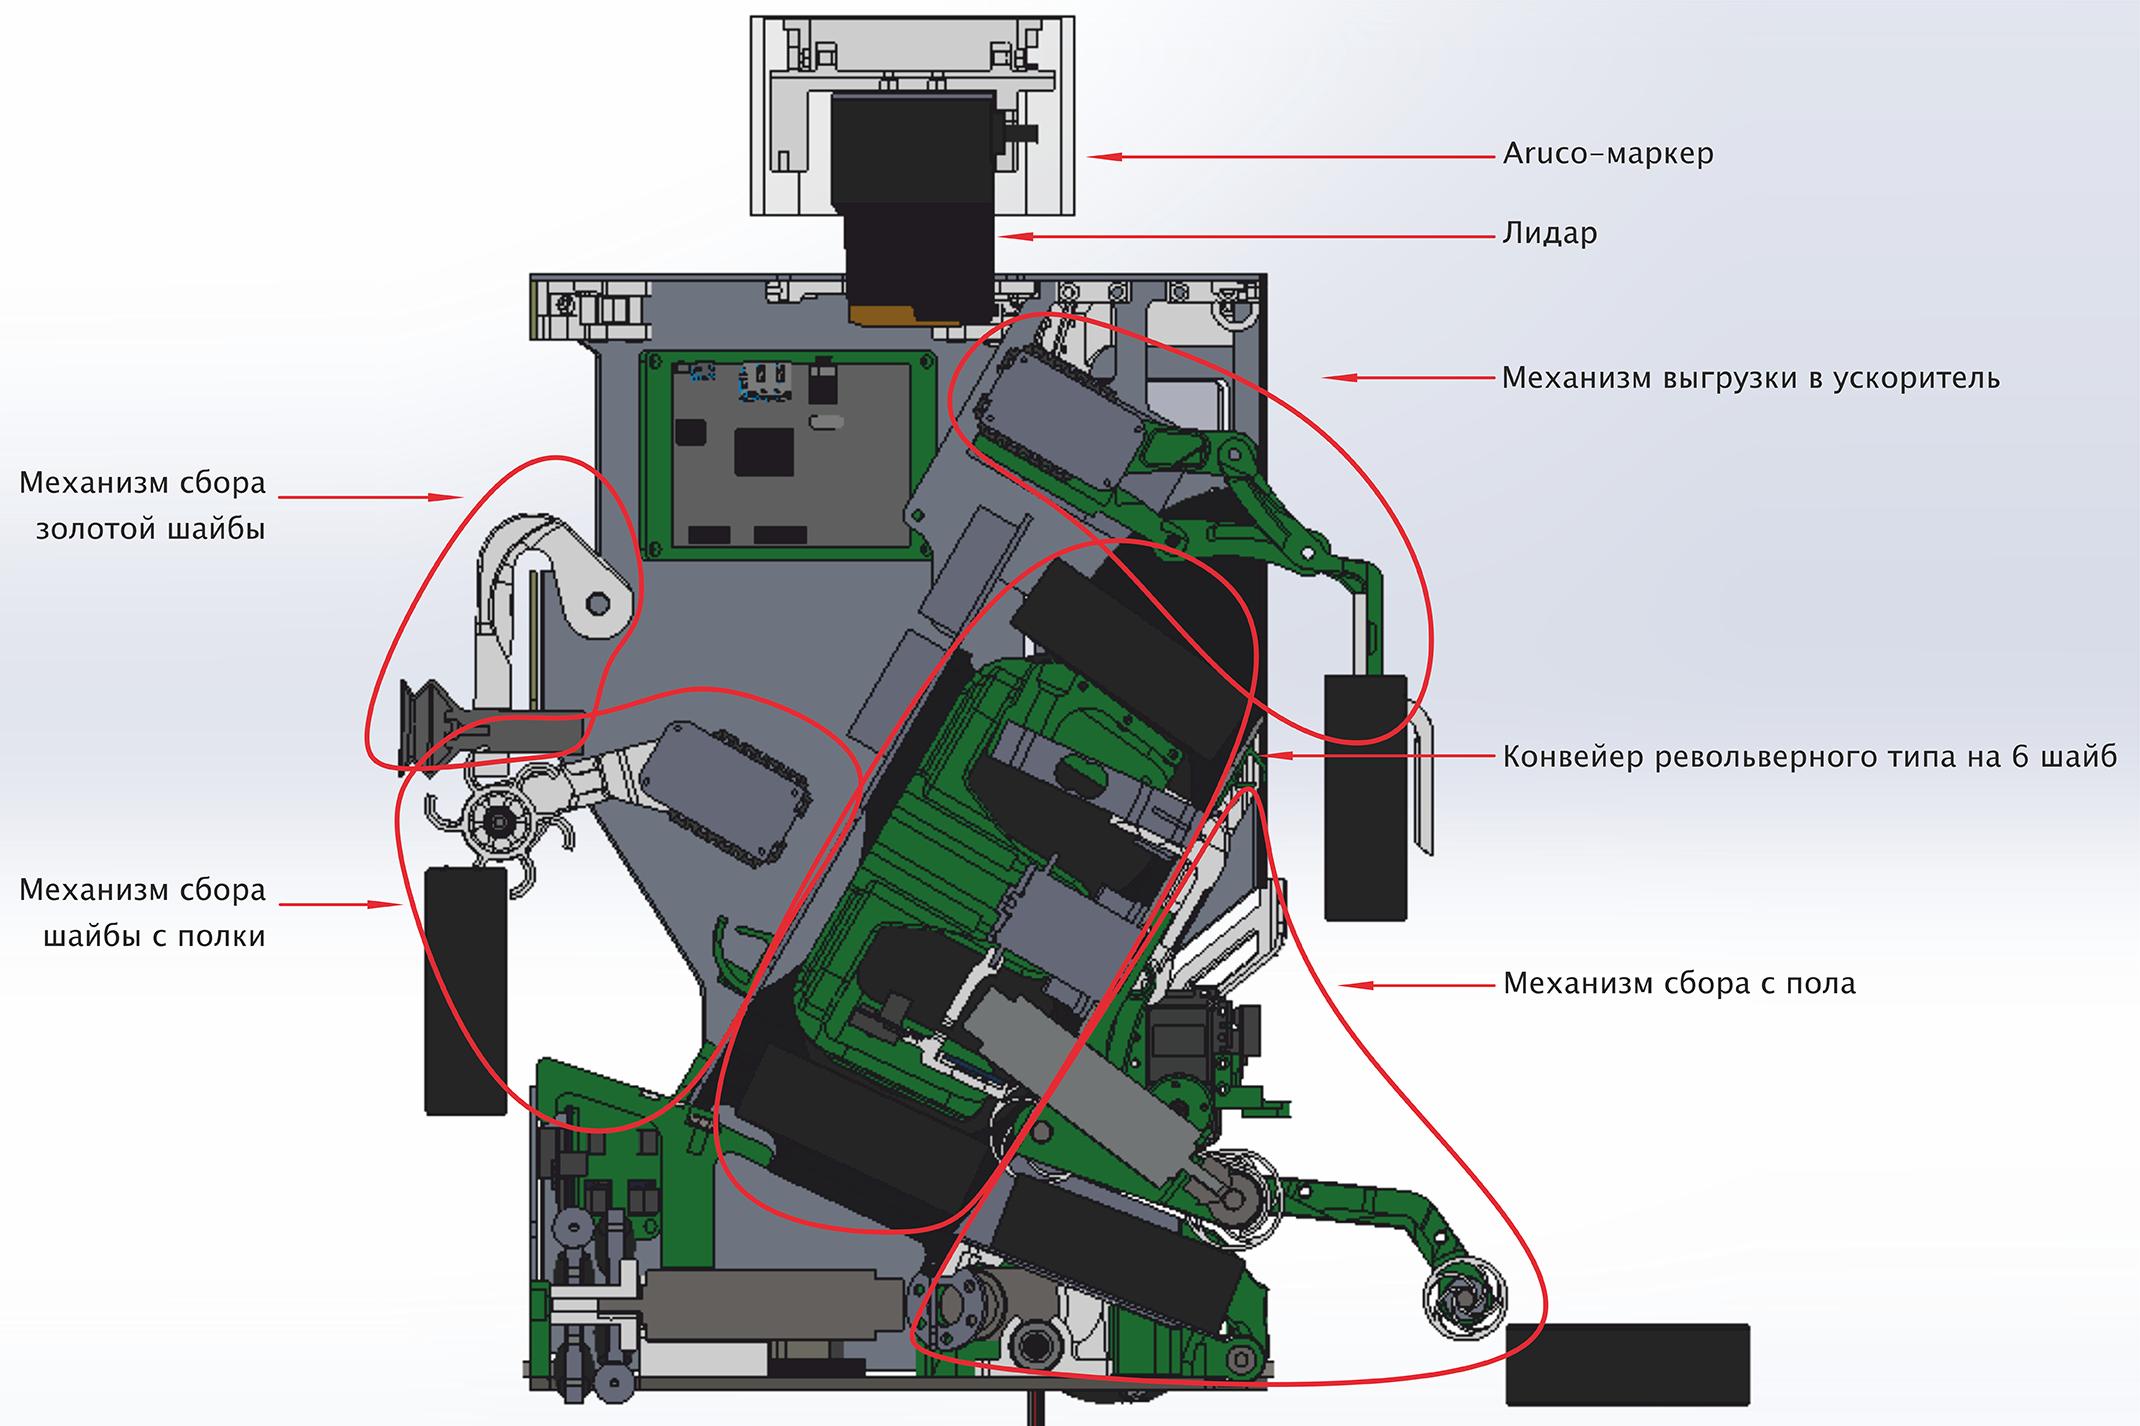 Что общего между револьвером, шайбами и автономным роботом - 8